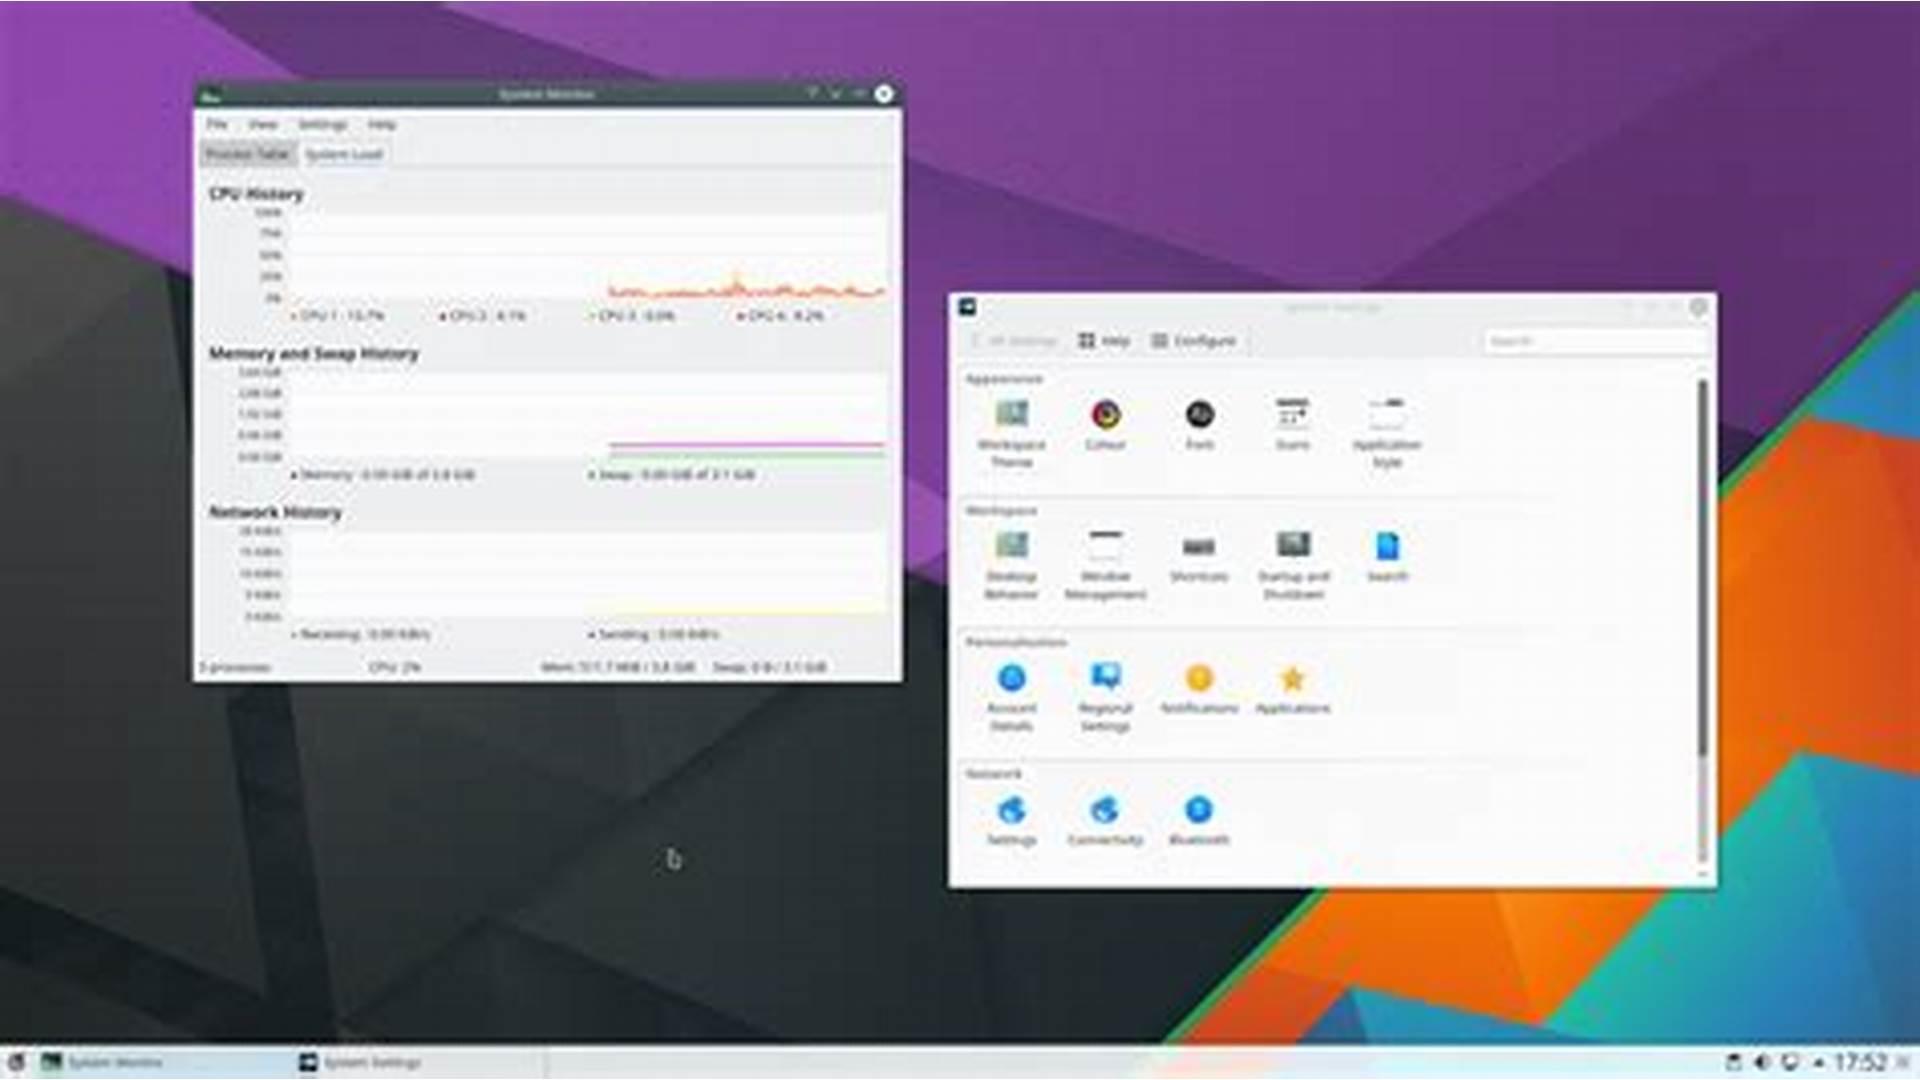 1998年7月12日KDE 1.0发布